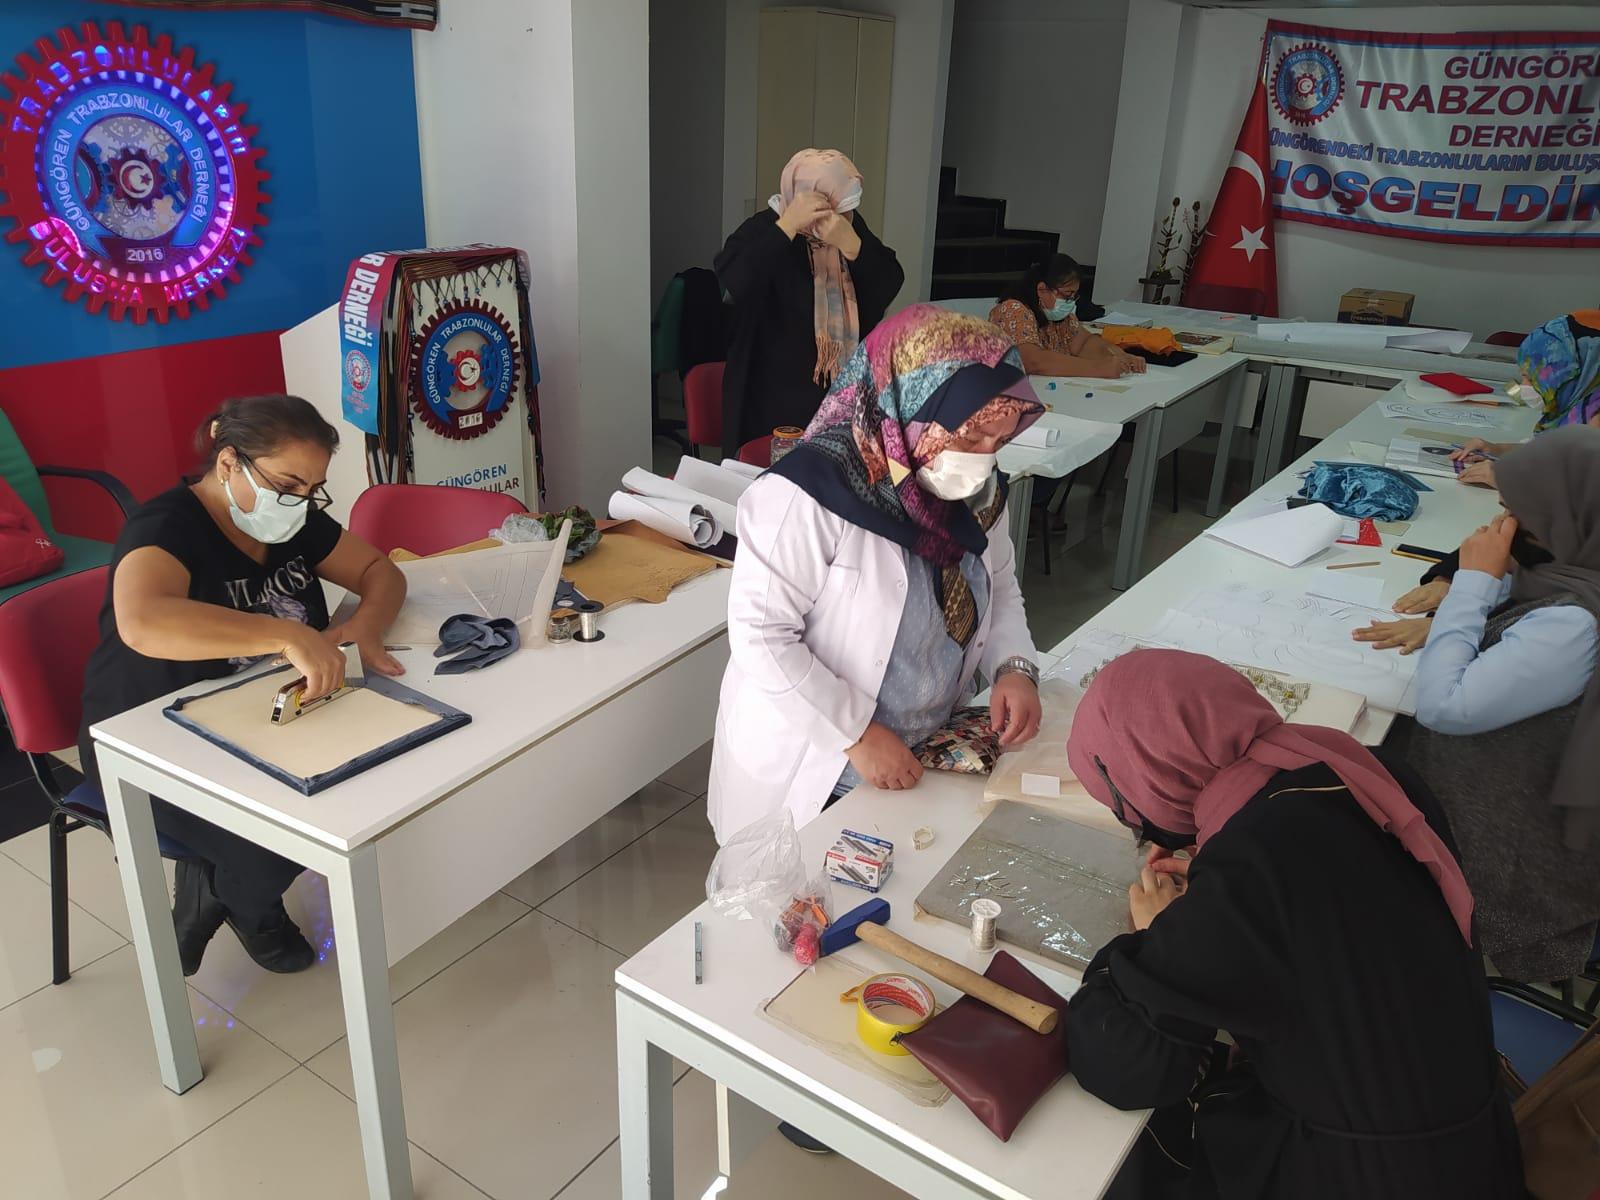 Güngören Trabzonlular Derneği Filografi kursuna kapılarını açtı